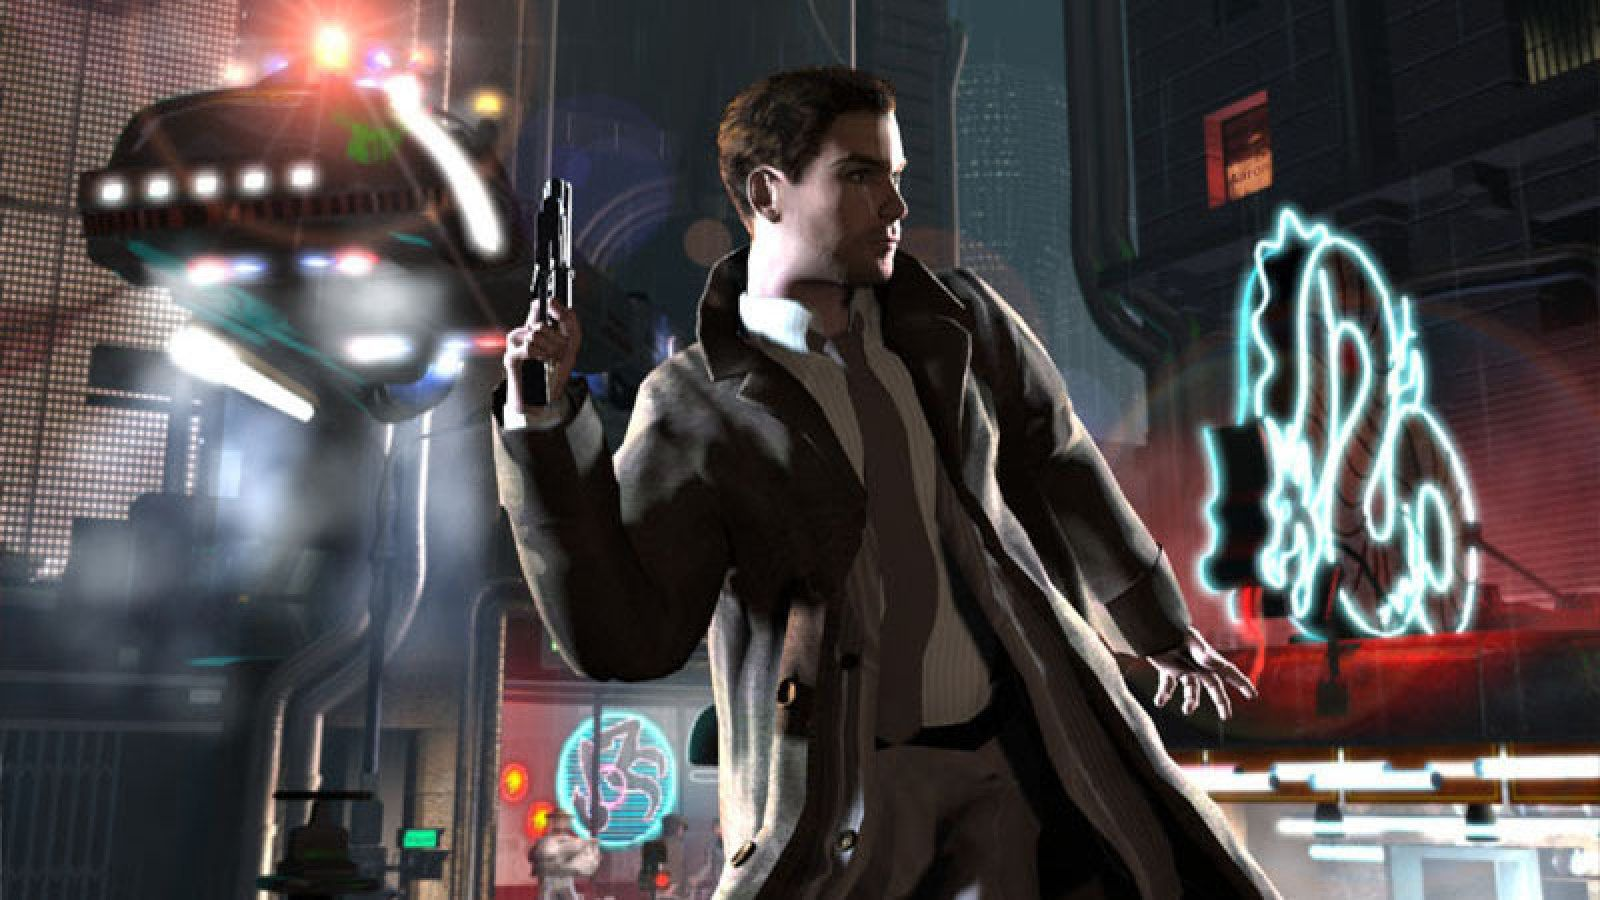 Blade Runner: Enhanced Edition retrasado de forma indefinida - Blade Runner: Enhanced Edition no llegará a finales de 2020 y pospone su lanzamiento a una fecha sin determinar.